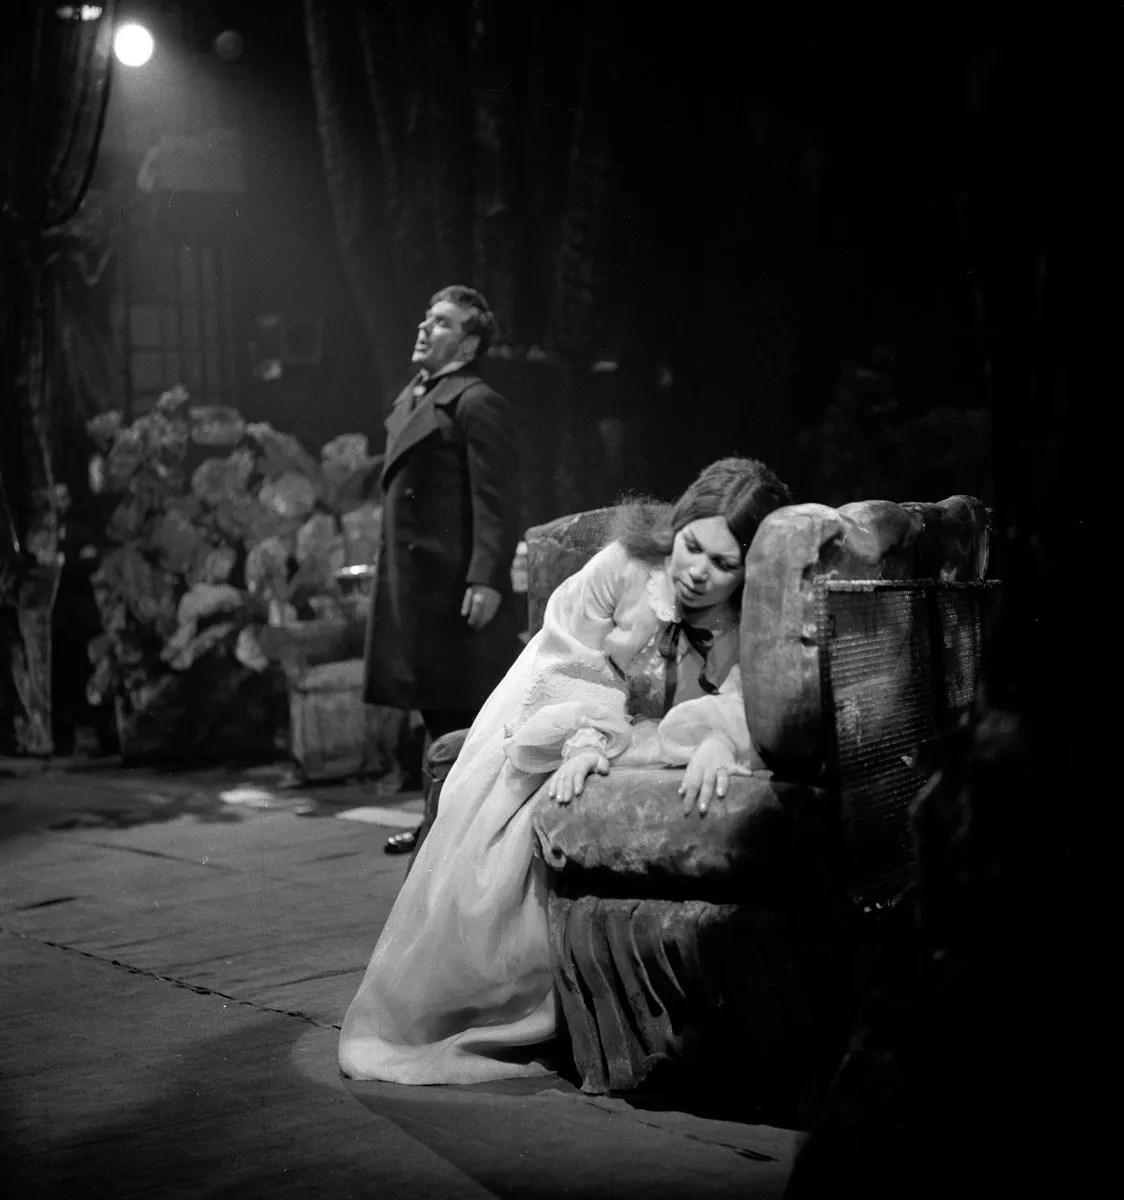 09 Mirella Freni in LA TRAVIATA 1964 with Mario Sereni photo by Erio Piccagliani © Teatro alla Scala